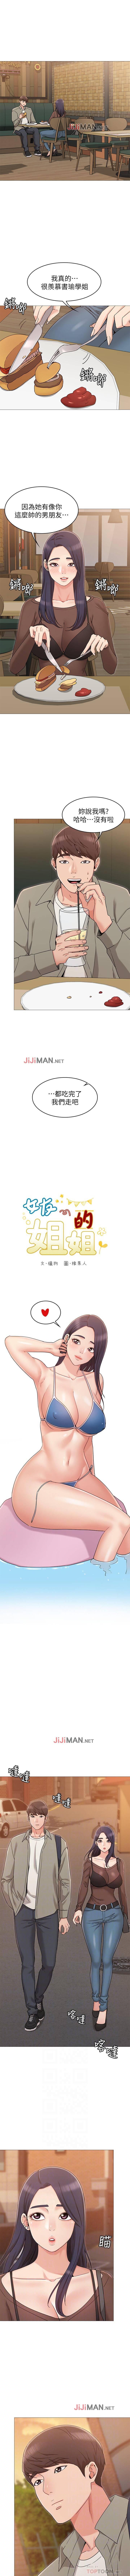 【周六连载】女友的姐姐(作者:橡果人&獵狗) 第1~23话 96